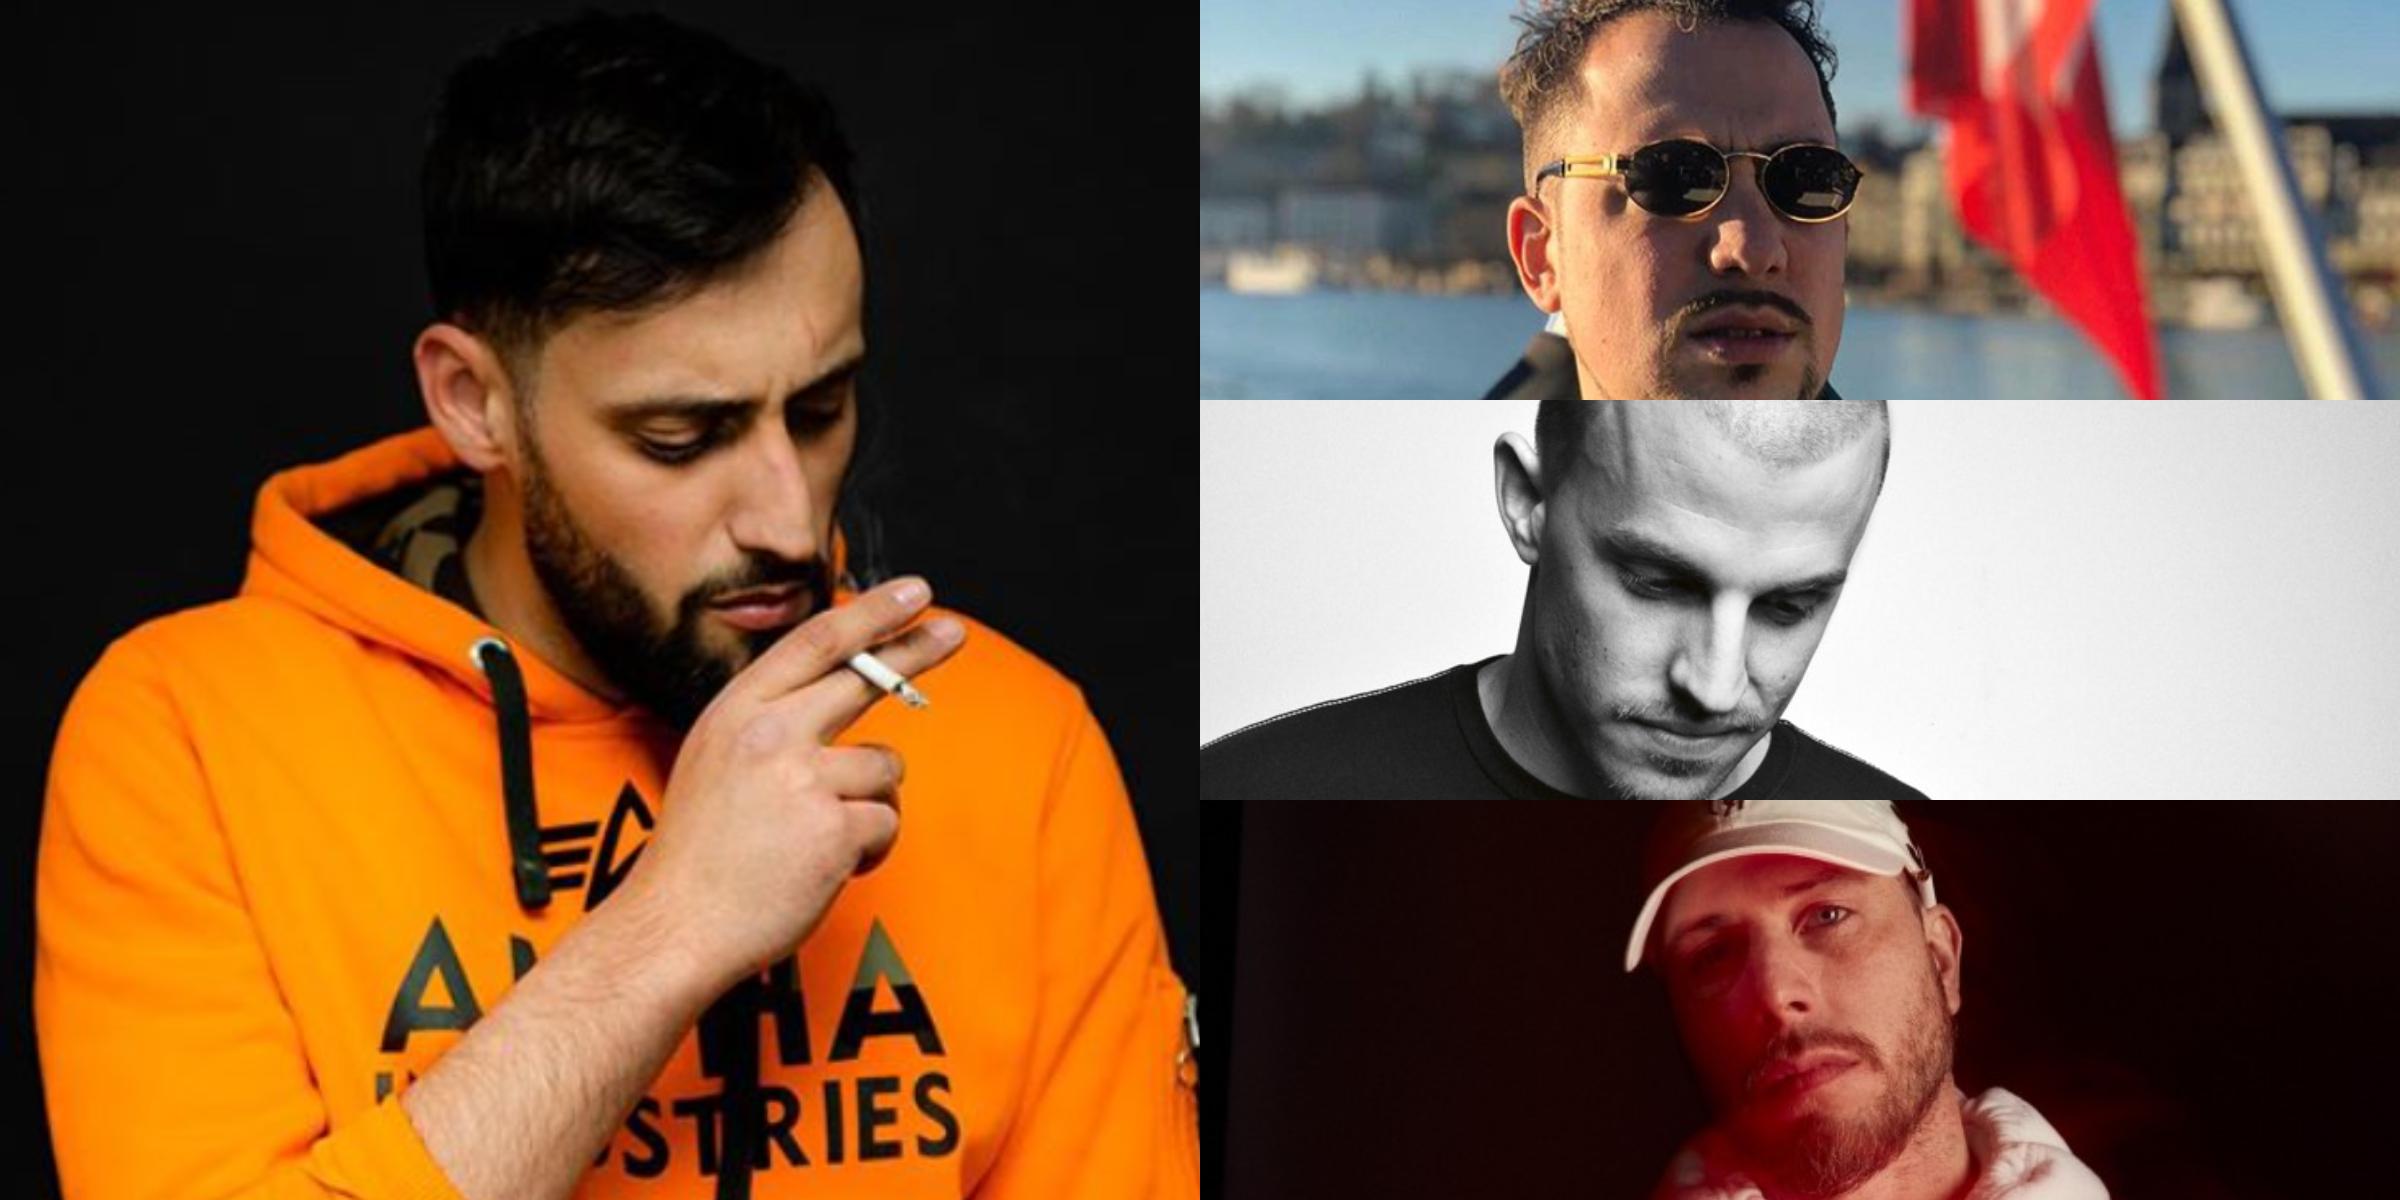 XEN, EffE, Maurice Polo und Tommy Vercetti über Vaterschaft in der Rap-Szene